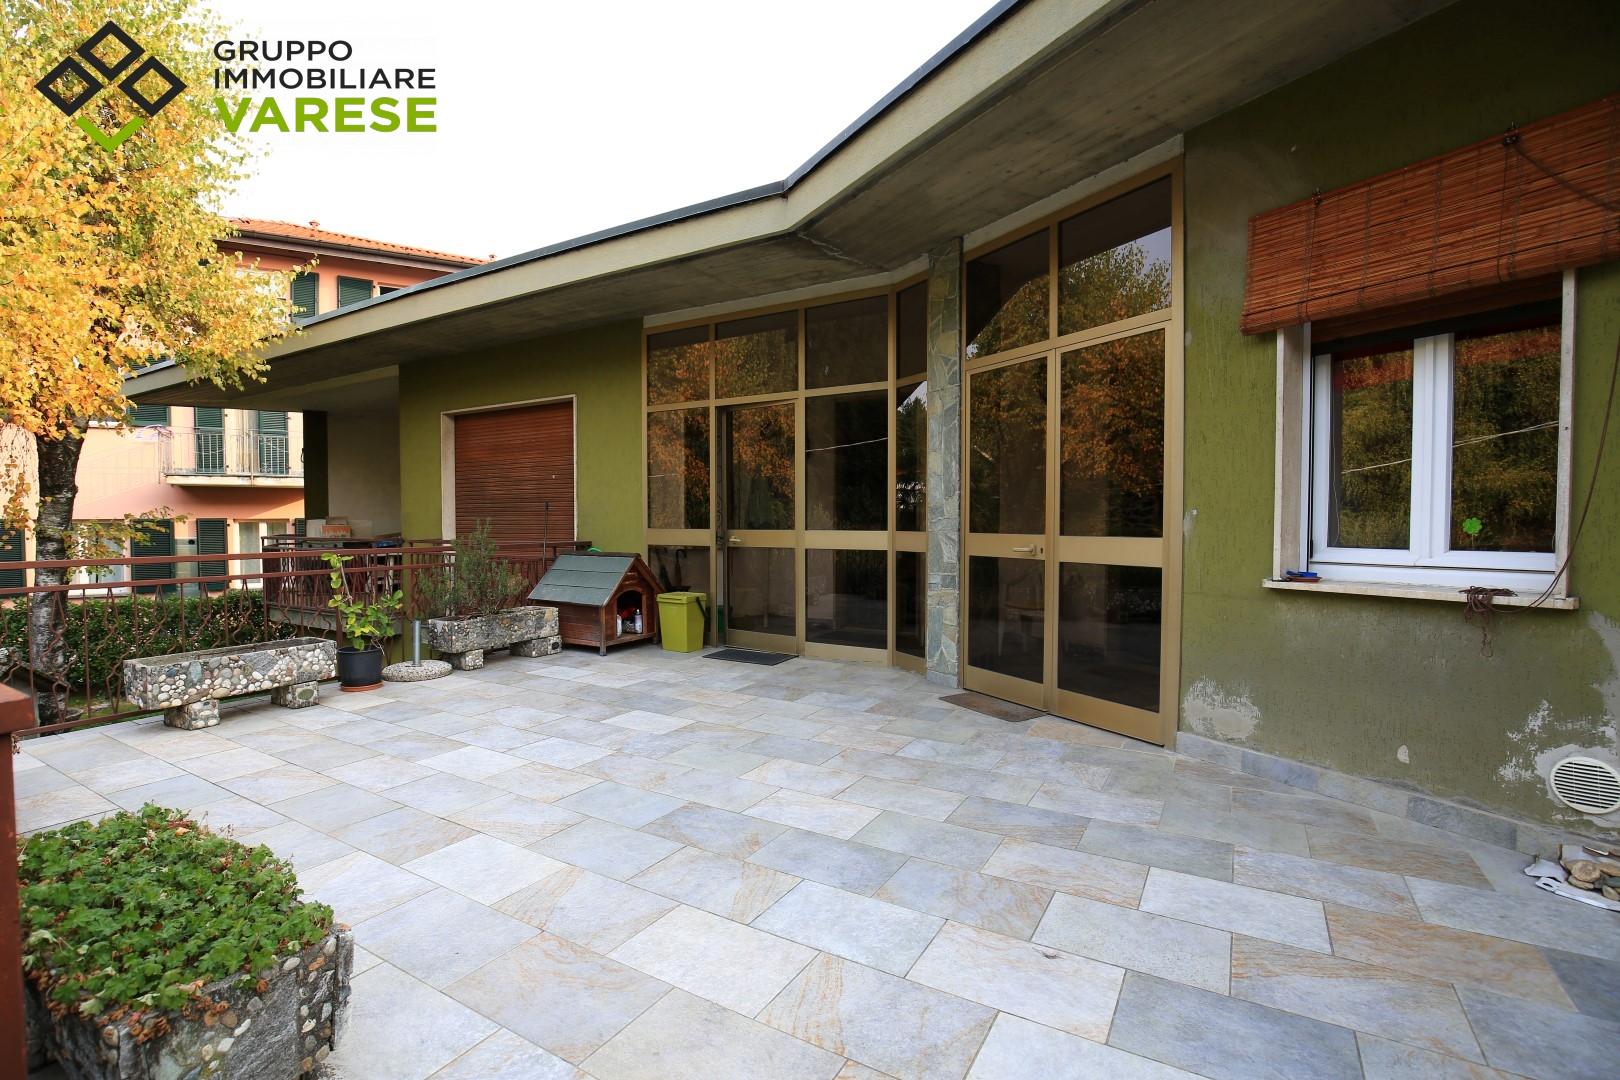 Appartamento in vendita a Morazzone, 4 locali, prezzo € 150.000 | CambioCasa.it